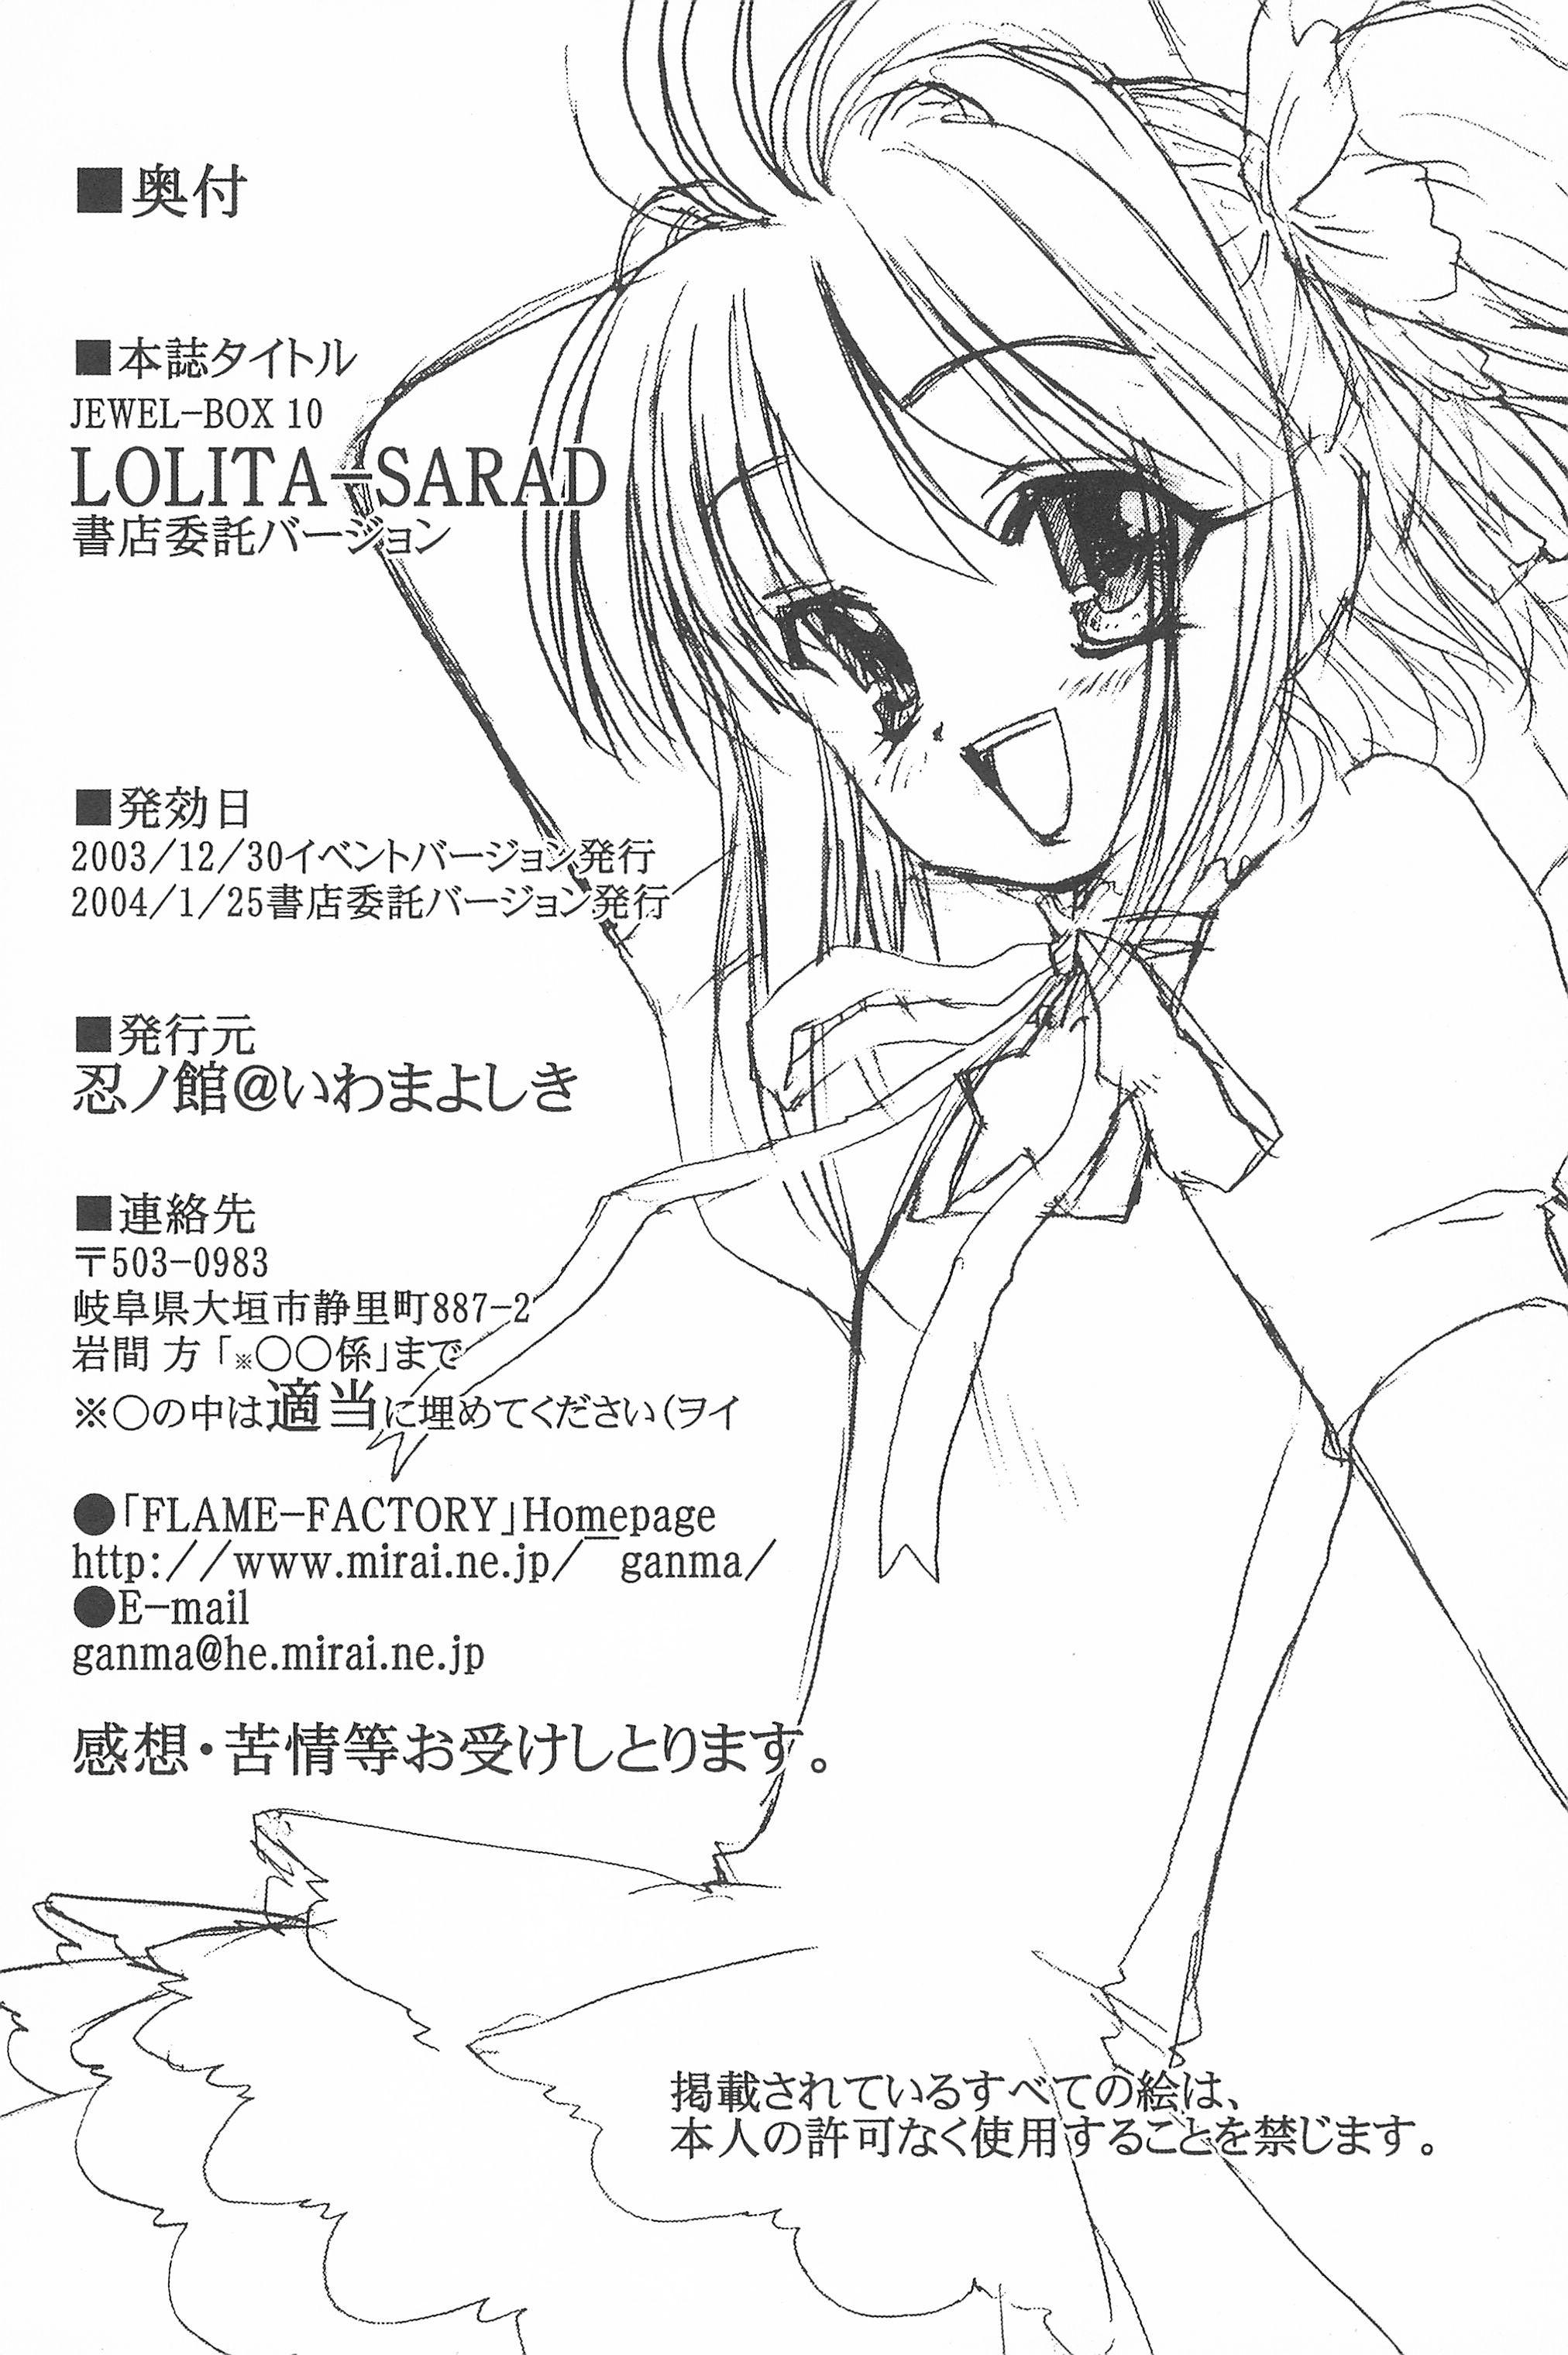 (SC22) [Shinobi no Yakata (Iwama Yoshiki) JEWEL-BOX 10 LOLITA-SARAD (Various) 69